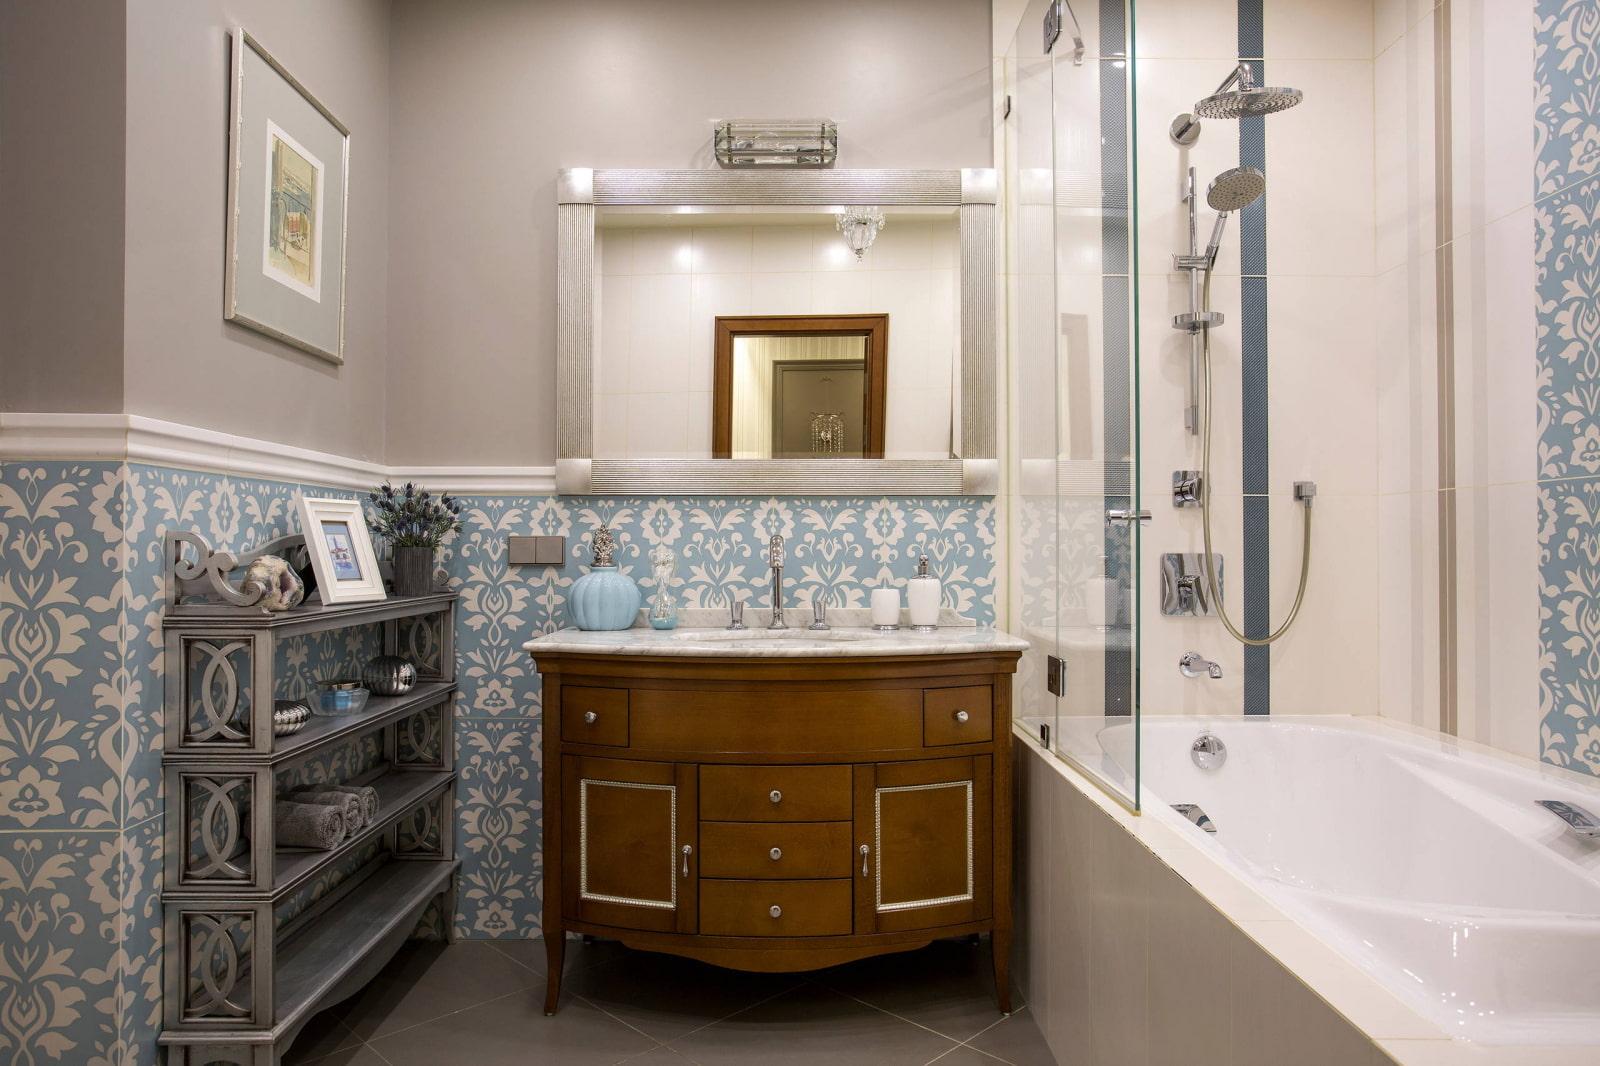 полки в ванной комнате фото идеи